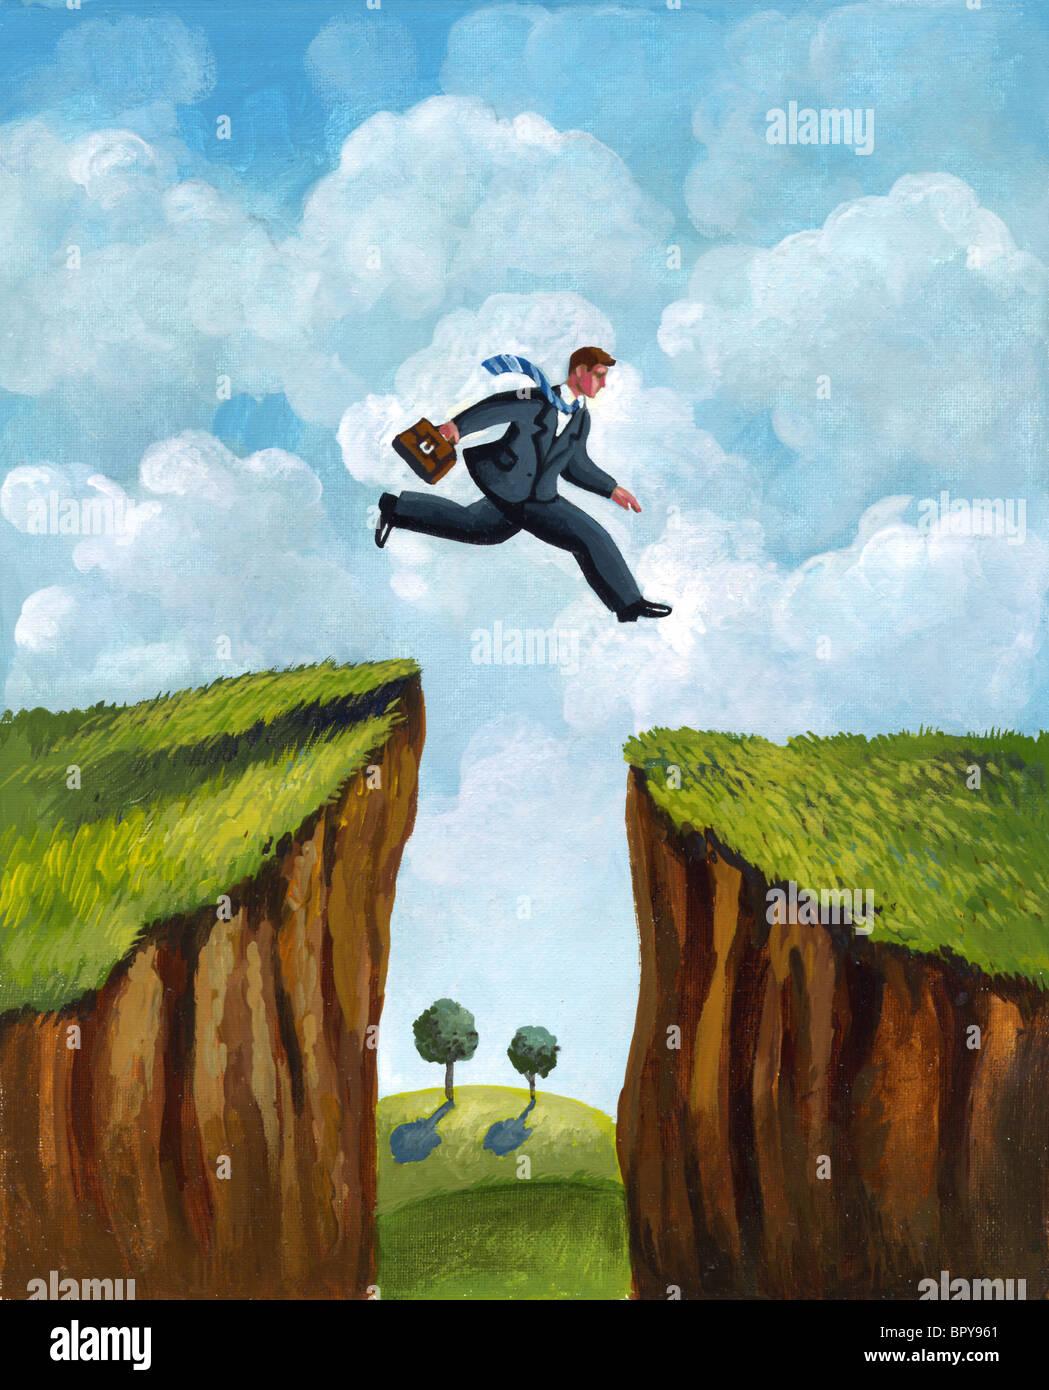 Una foto di un imprenditore in esecuzione su due scogliere Immagini Stock